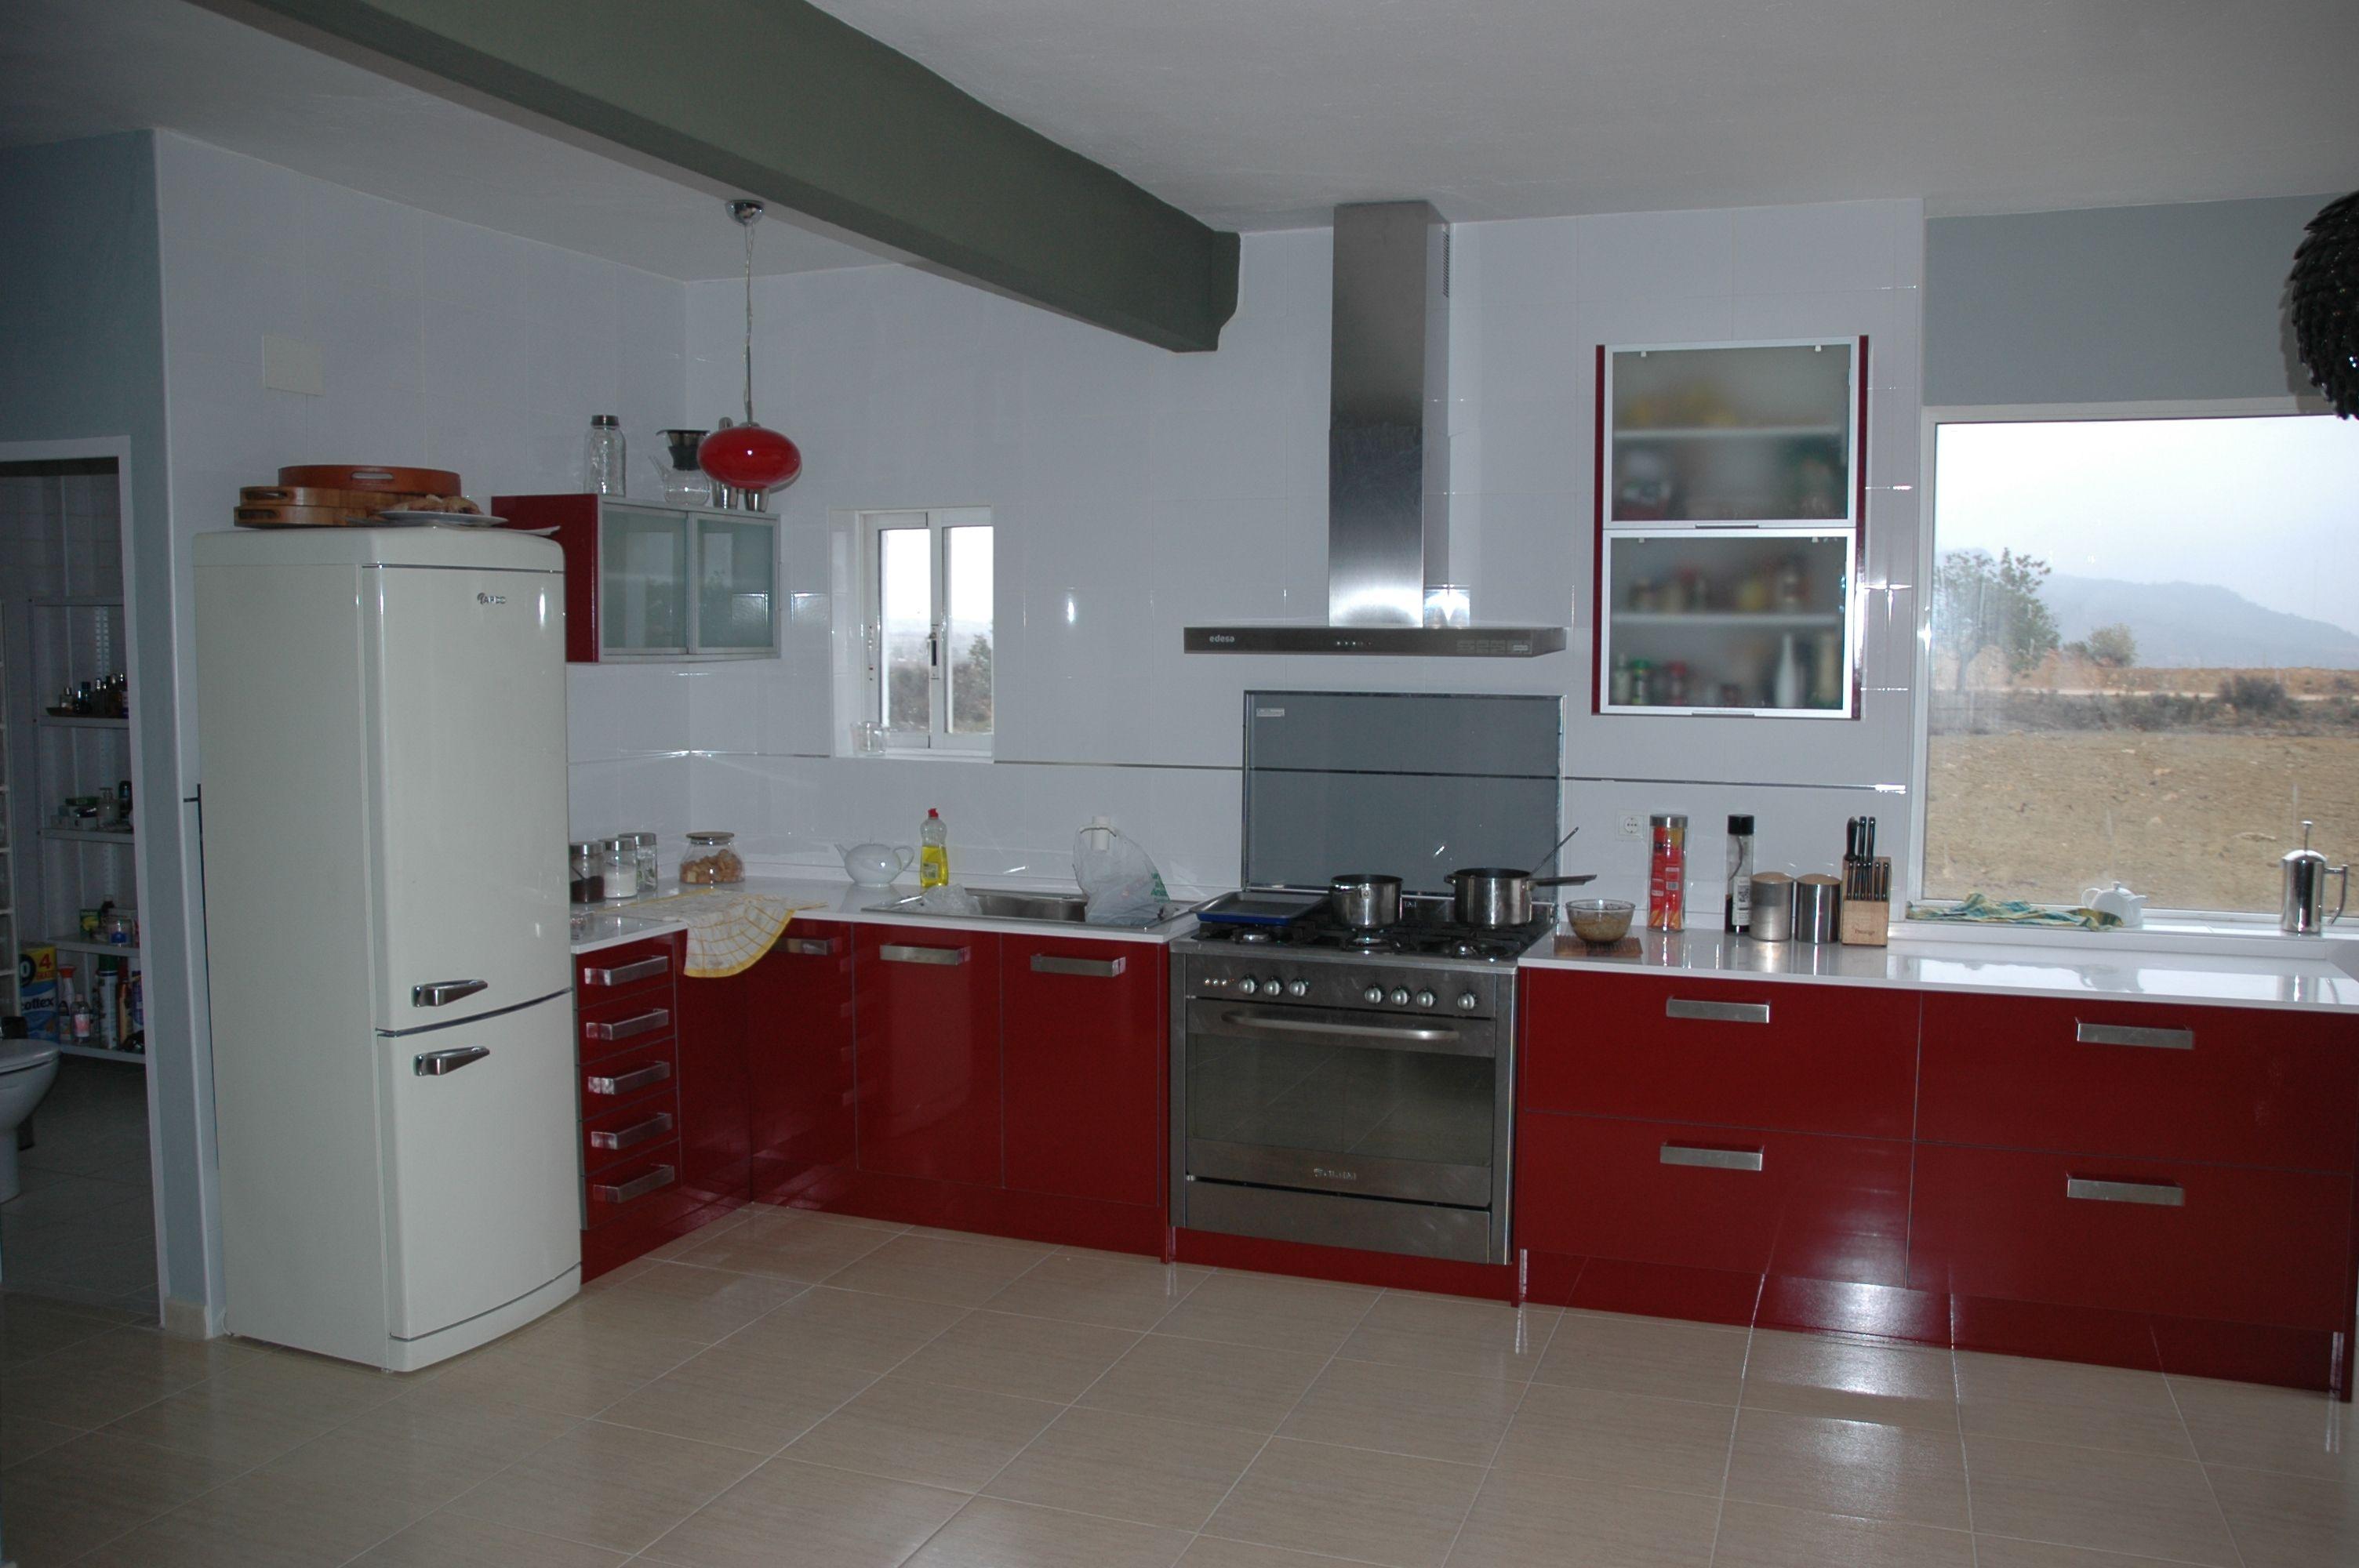 My Kitchen Leroy Merlin Spain In 2019 Kitchen Kitchen